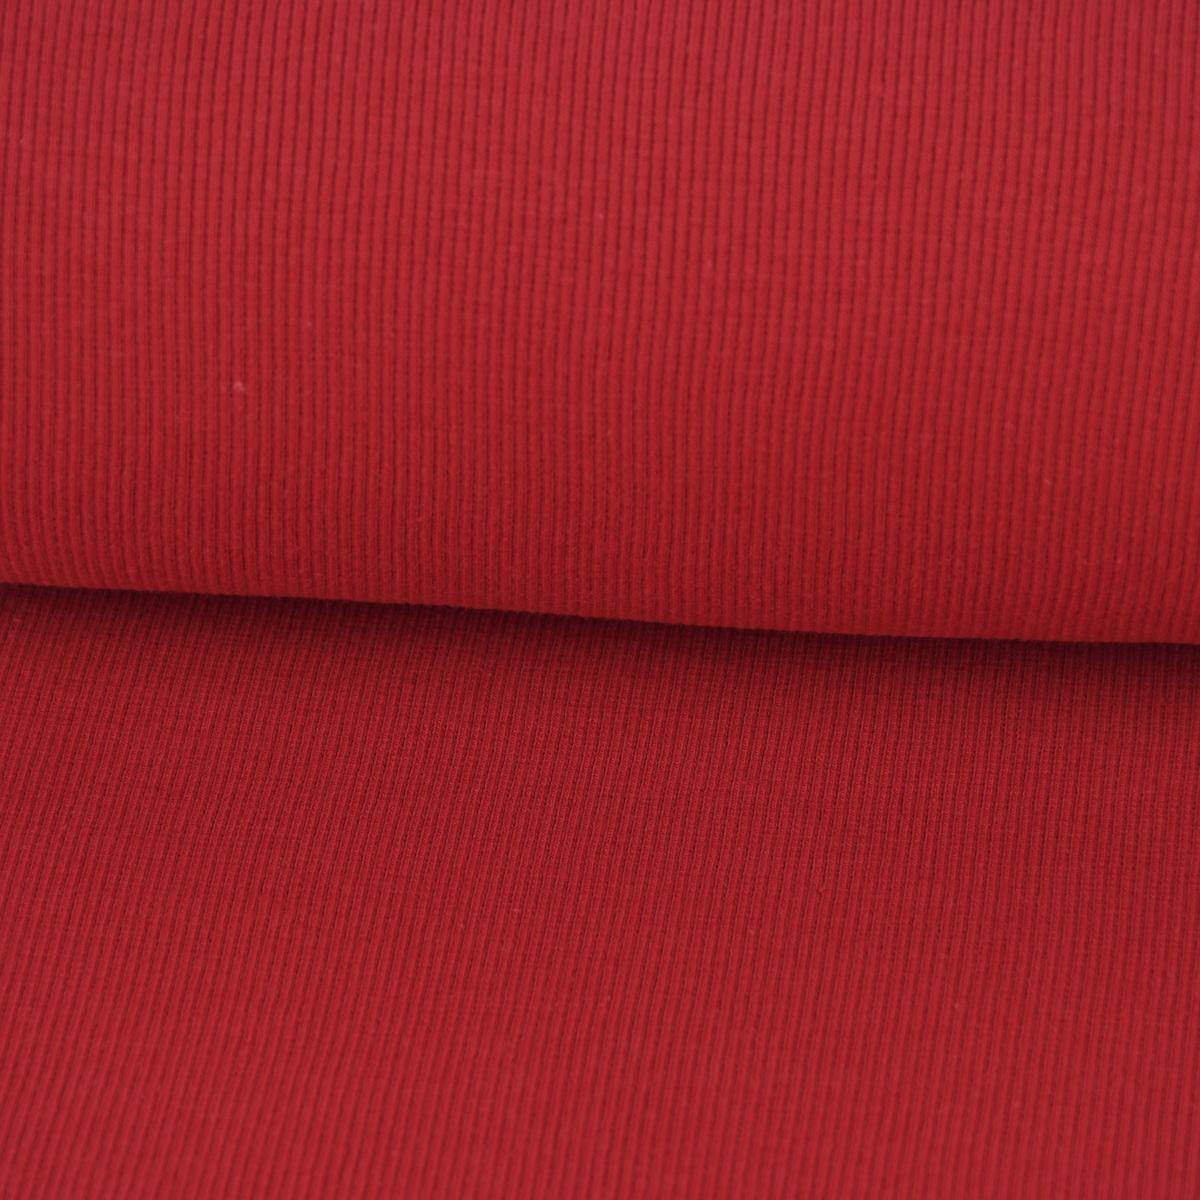 Strickschlauch Bündchenstoff grob rot  27cm Breite